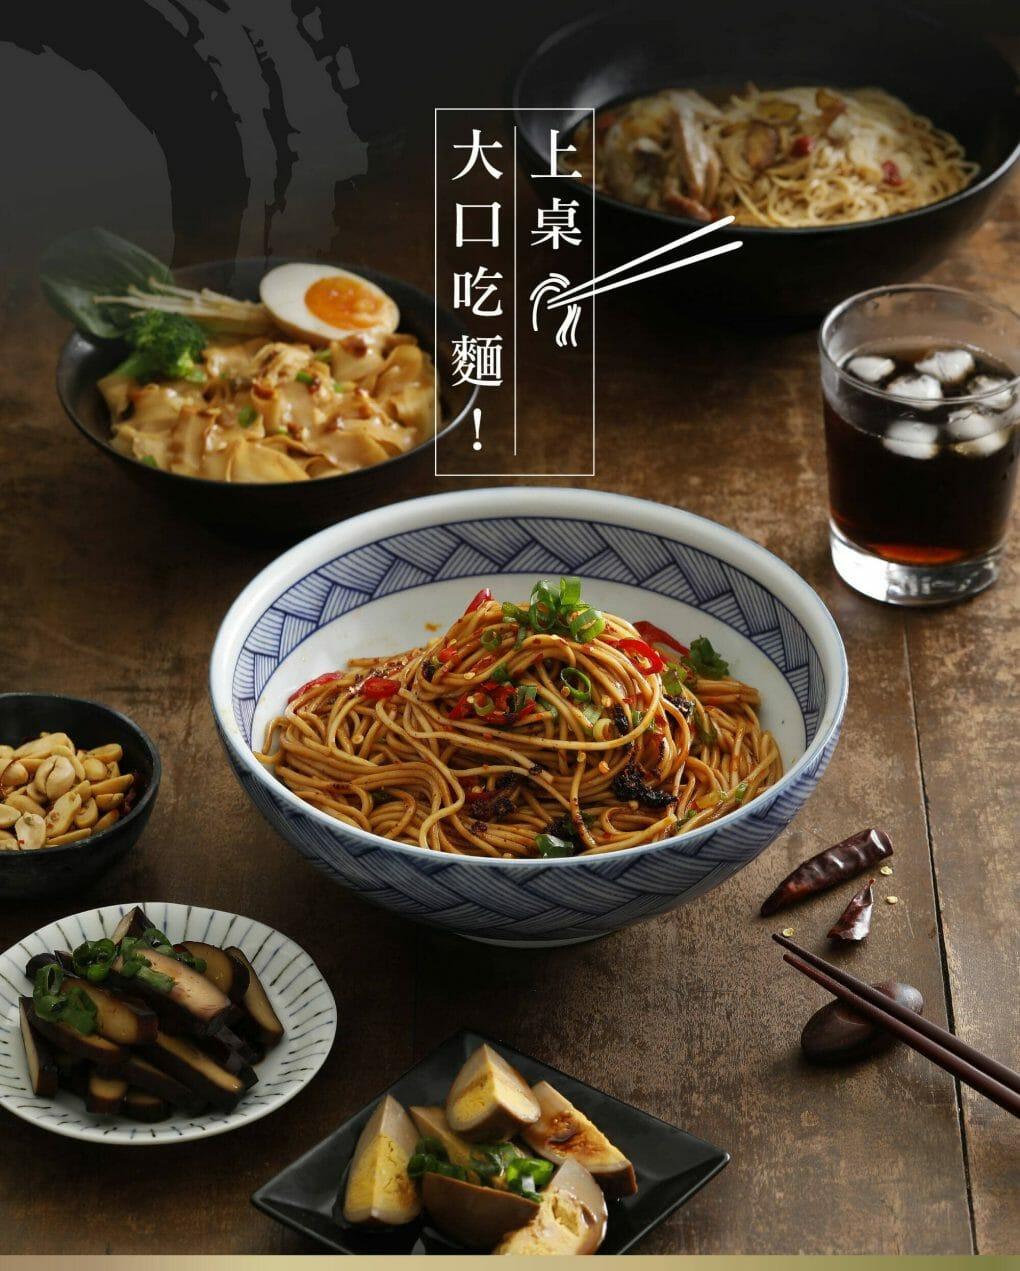 波浪寬拌麵(香蒜黃金椒) - 18